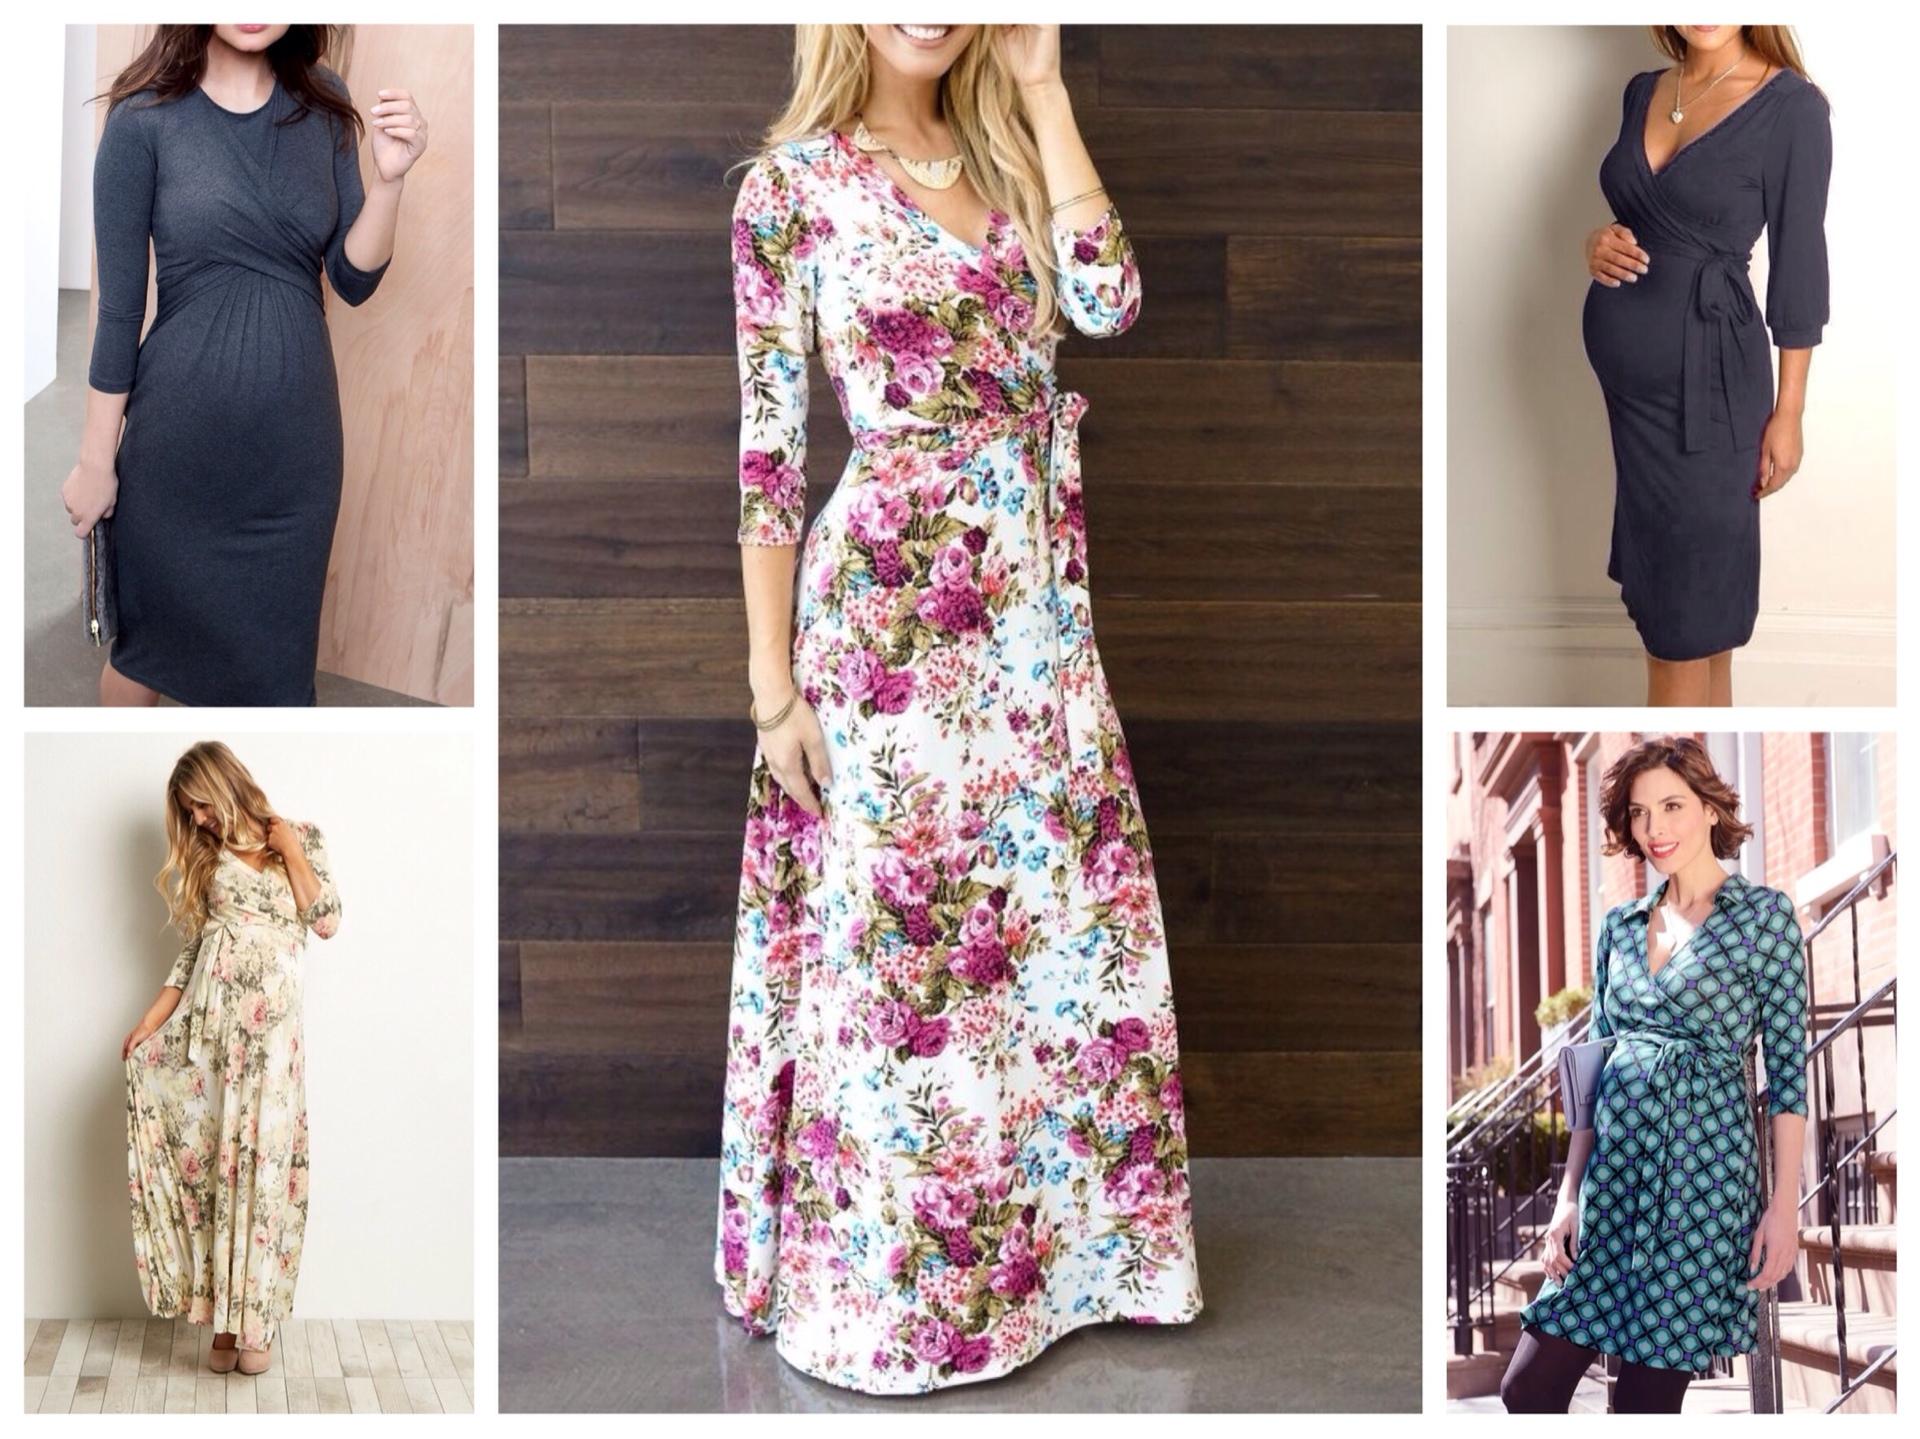 8c3edfa5ca68df Жіночні сукні та спідниці для вагітних - фото модних луків